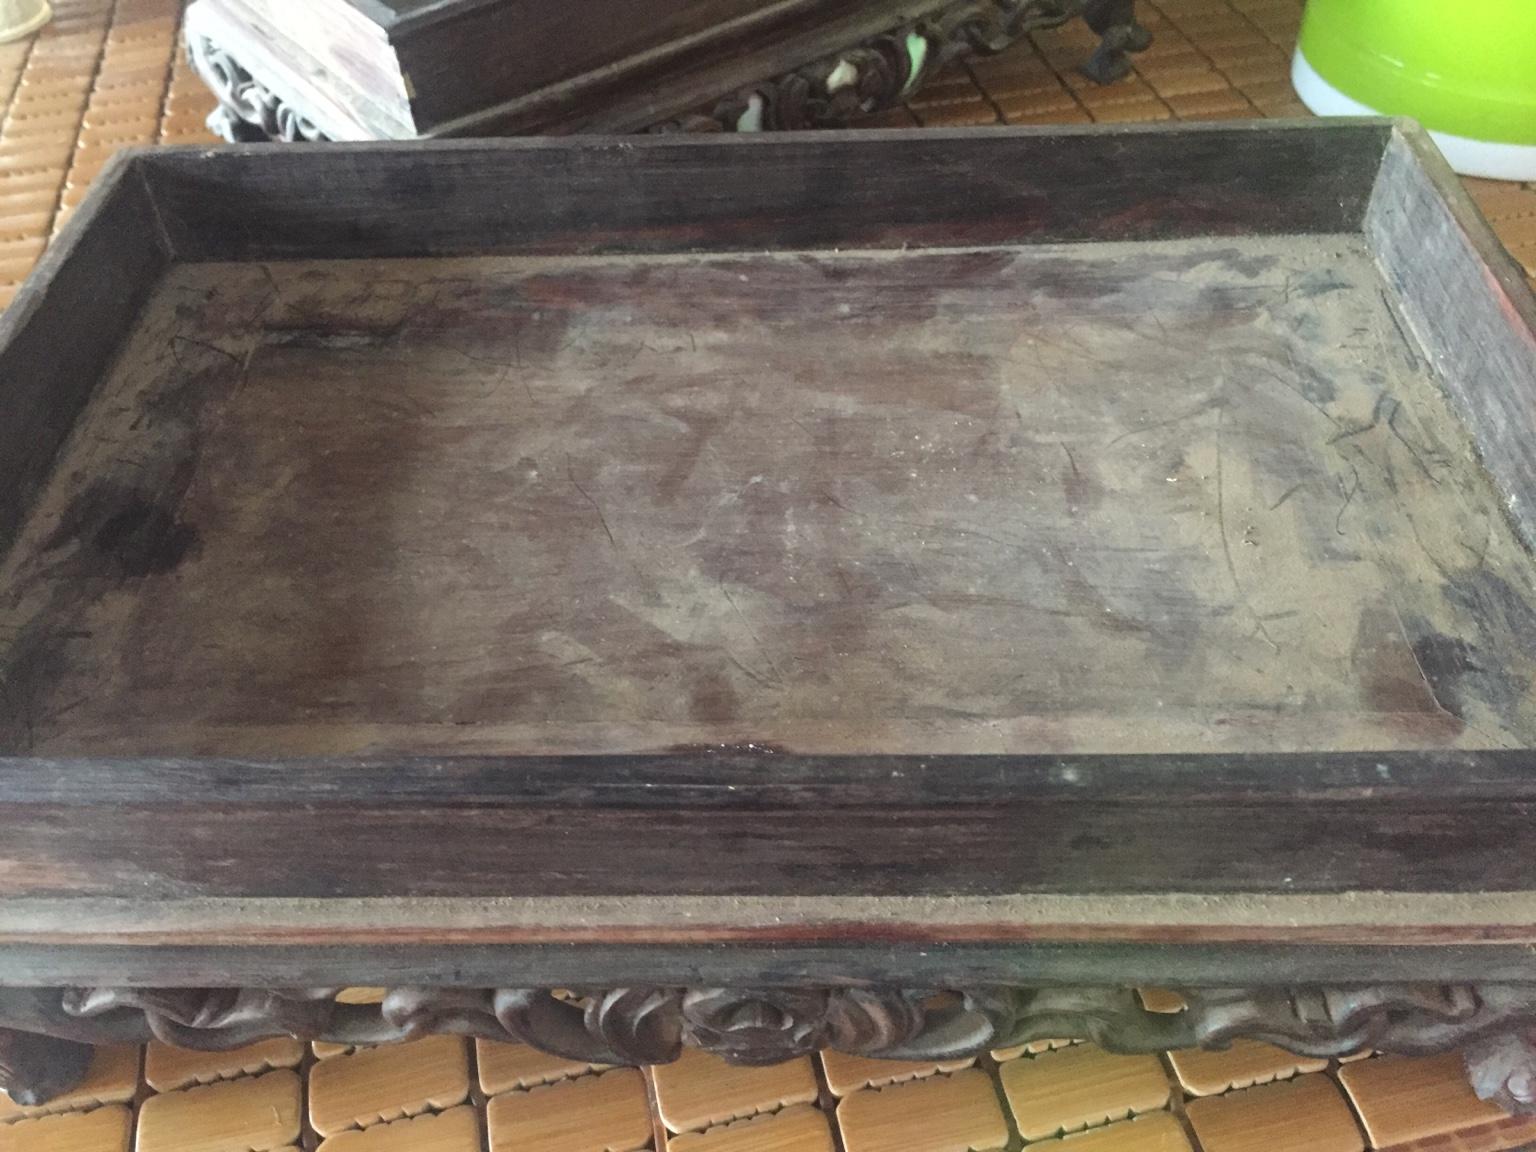 khay sóc gỗ trắc đục riễu tàu  kt dài 30cm rộng 20cm lh 0974710348